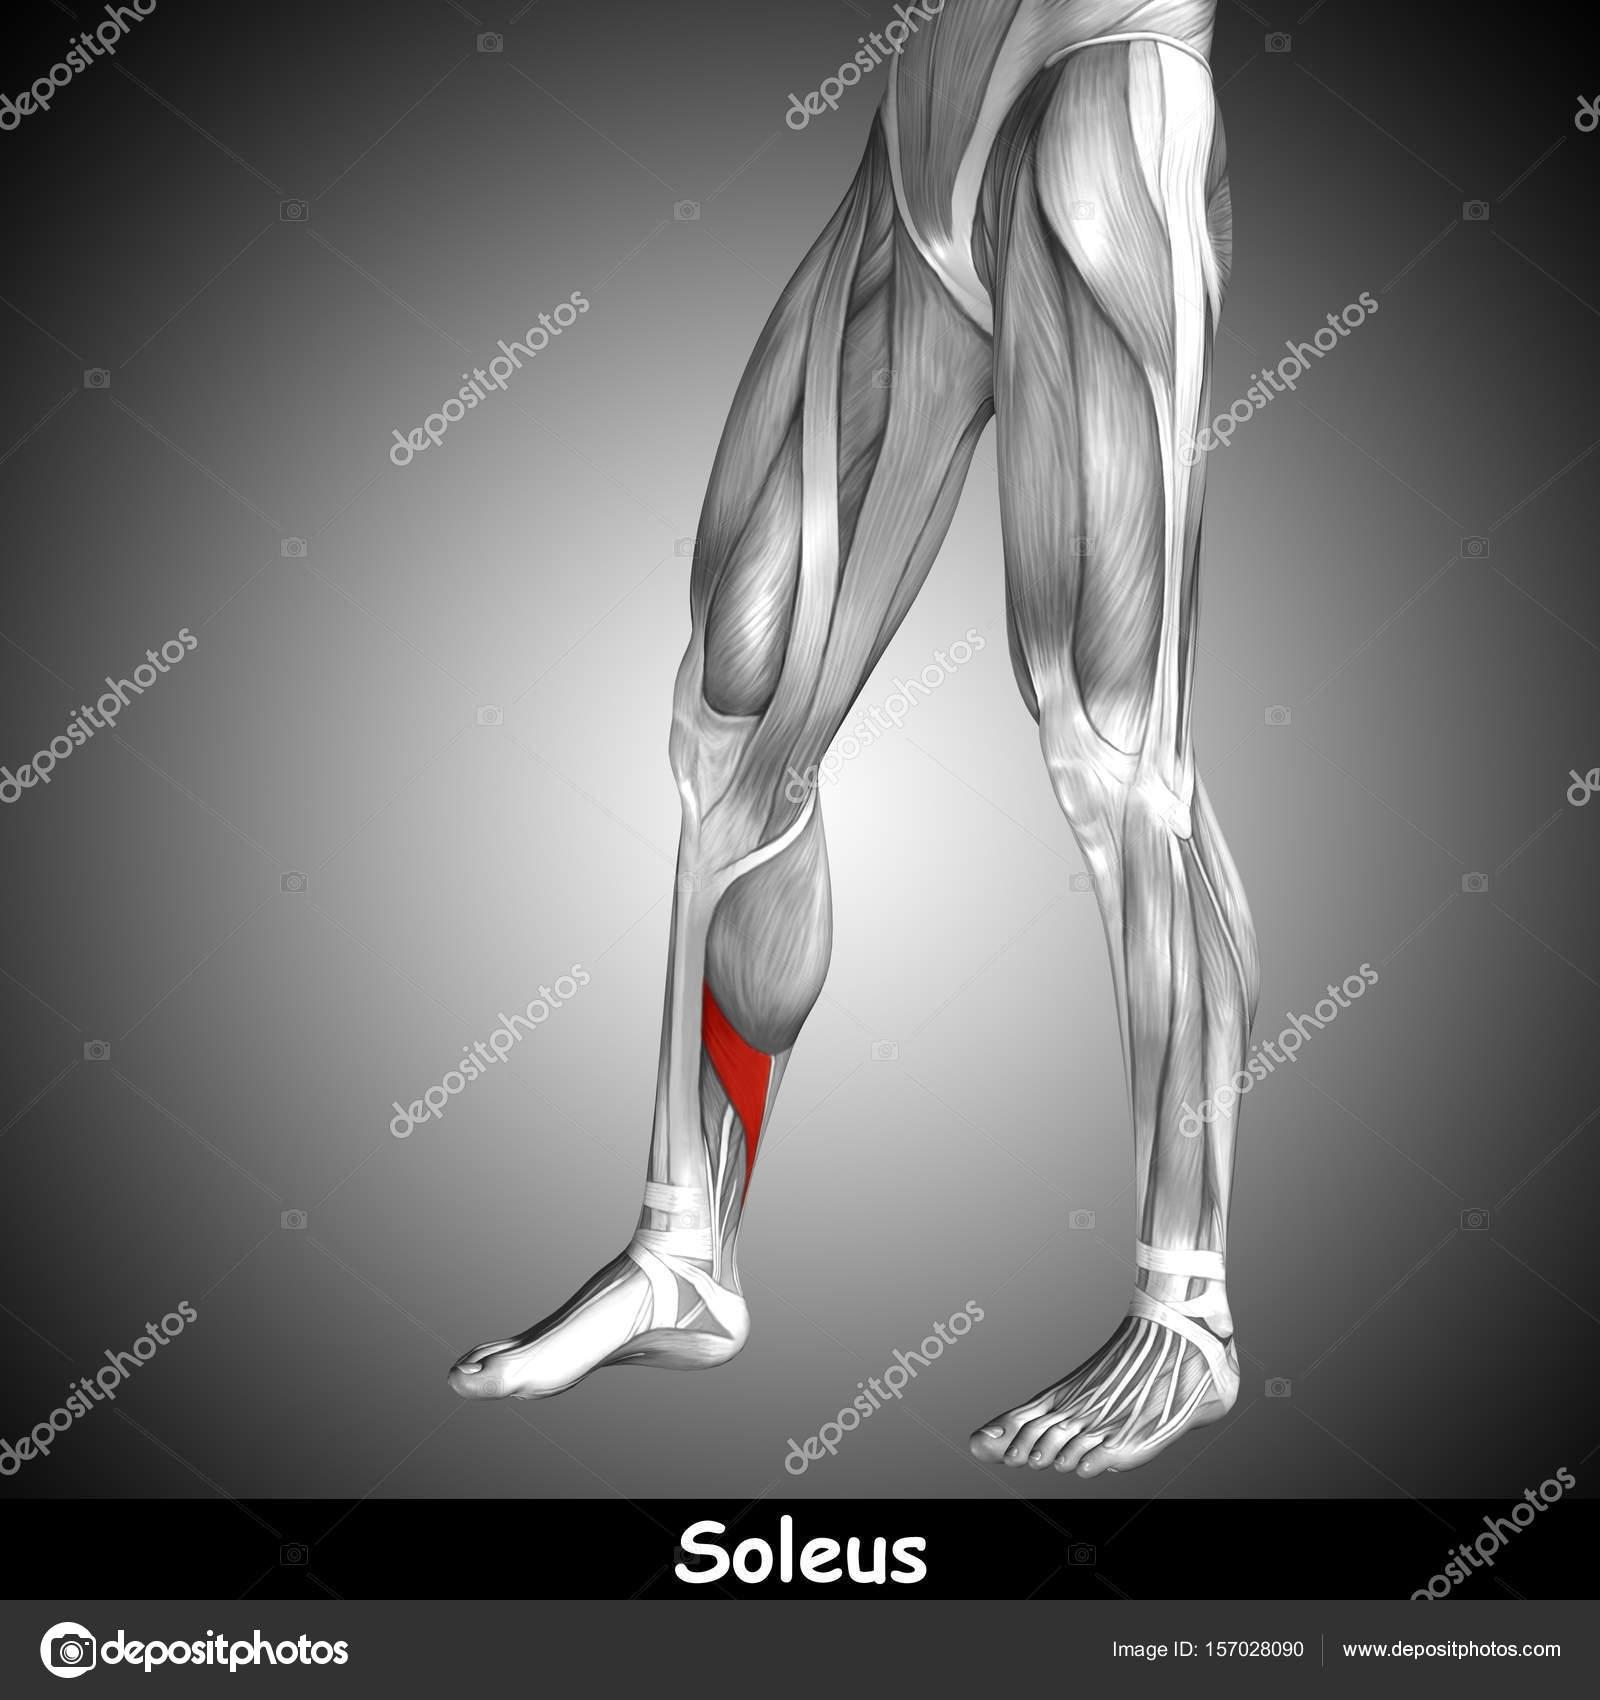 Wunderbar Arterien Des Beines Anatomie Zeitgenössisch - Menschliche ...